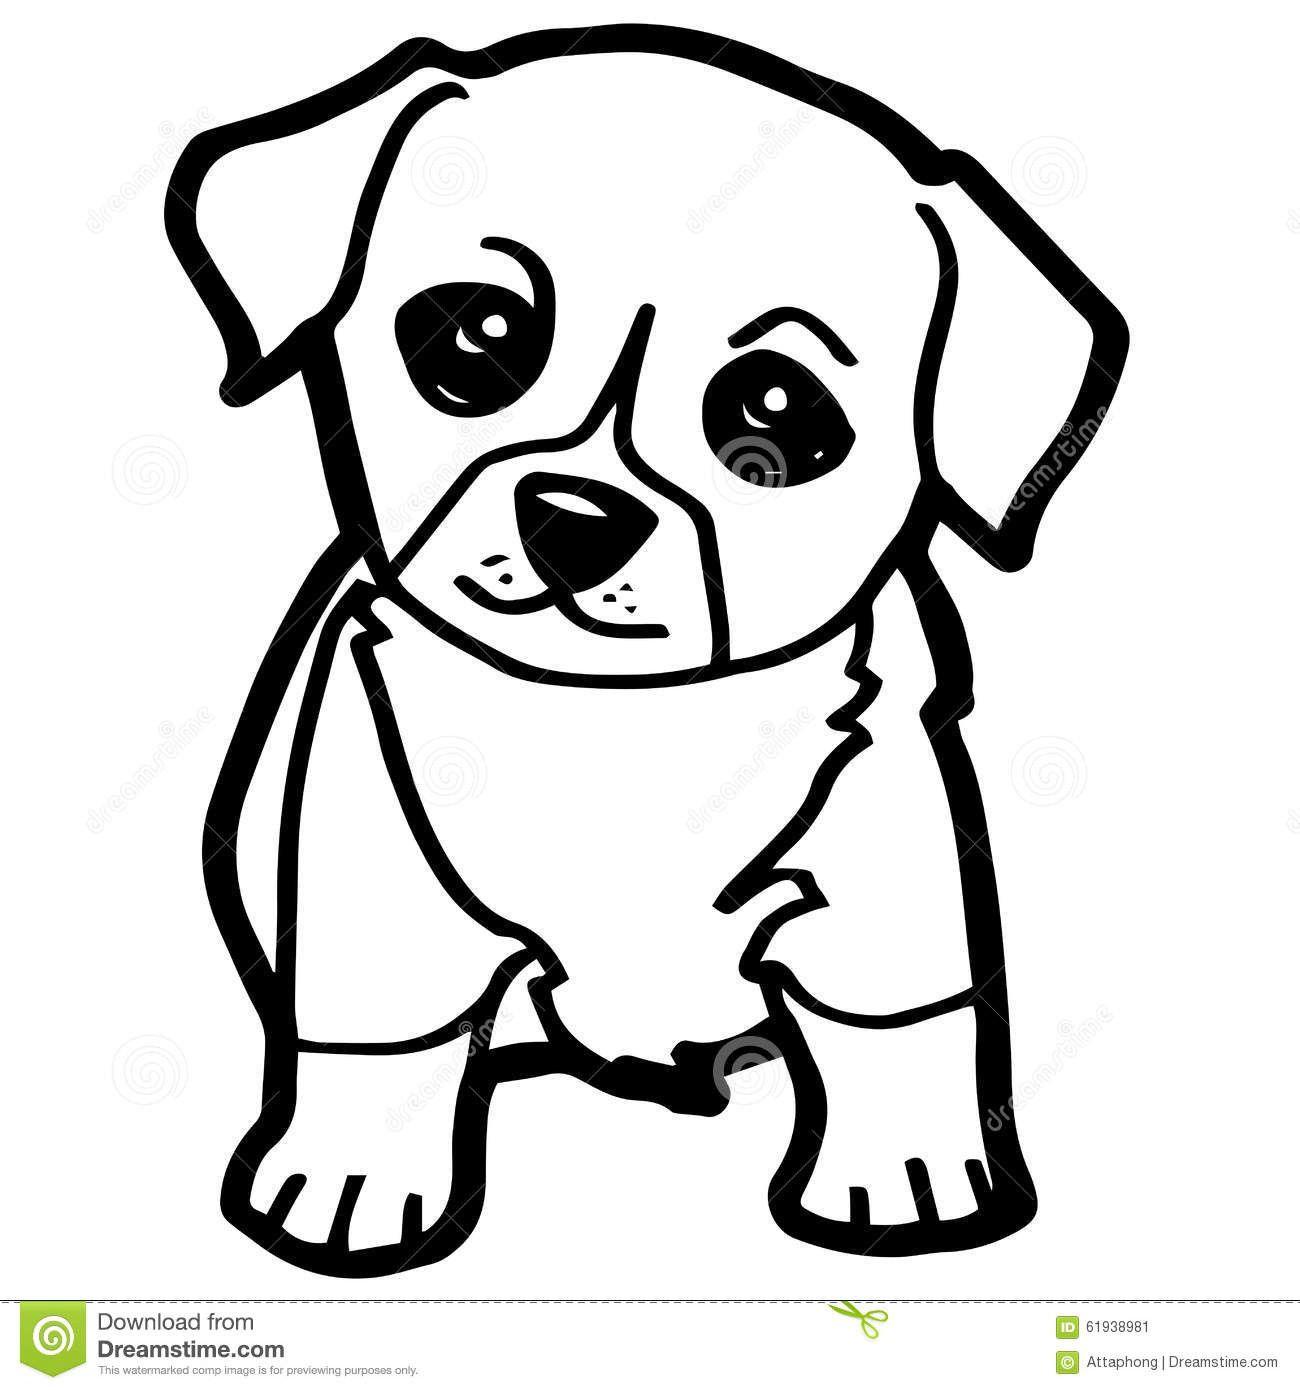 Disegni Di Cagnolini Da Colorare.30 Ricerca Cagnolini Da Colorare E Stampare Gratis Cani